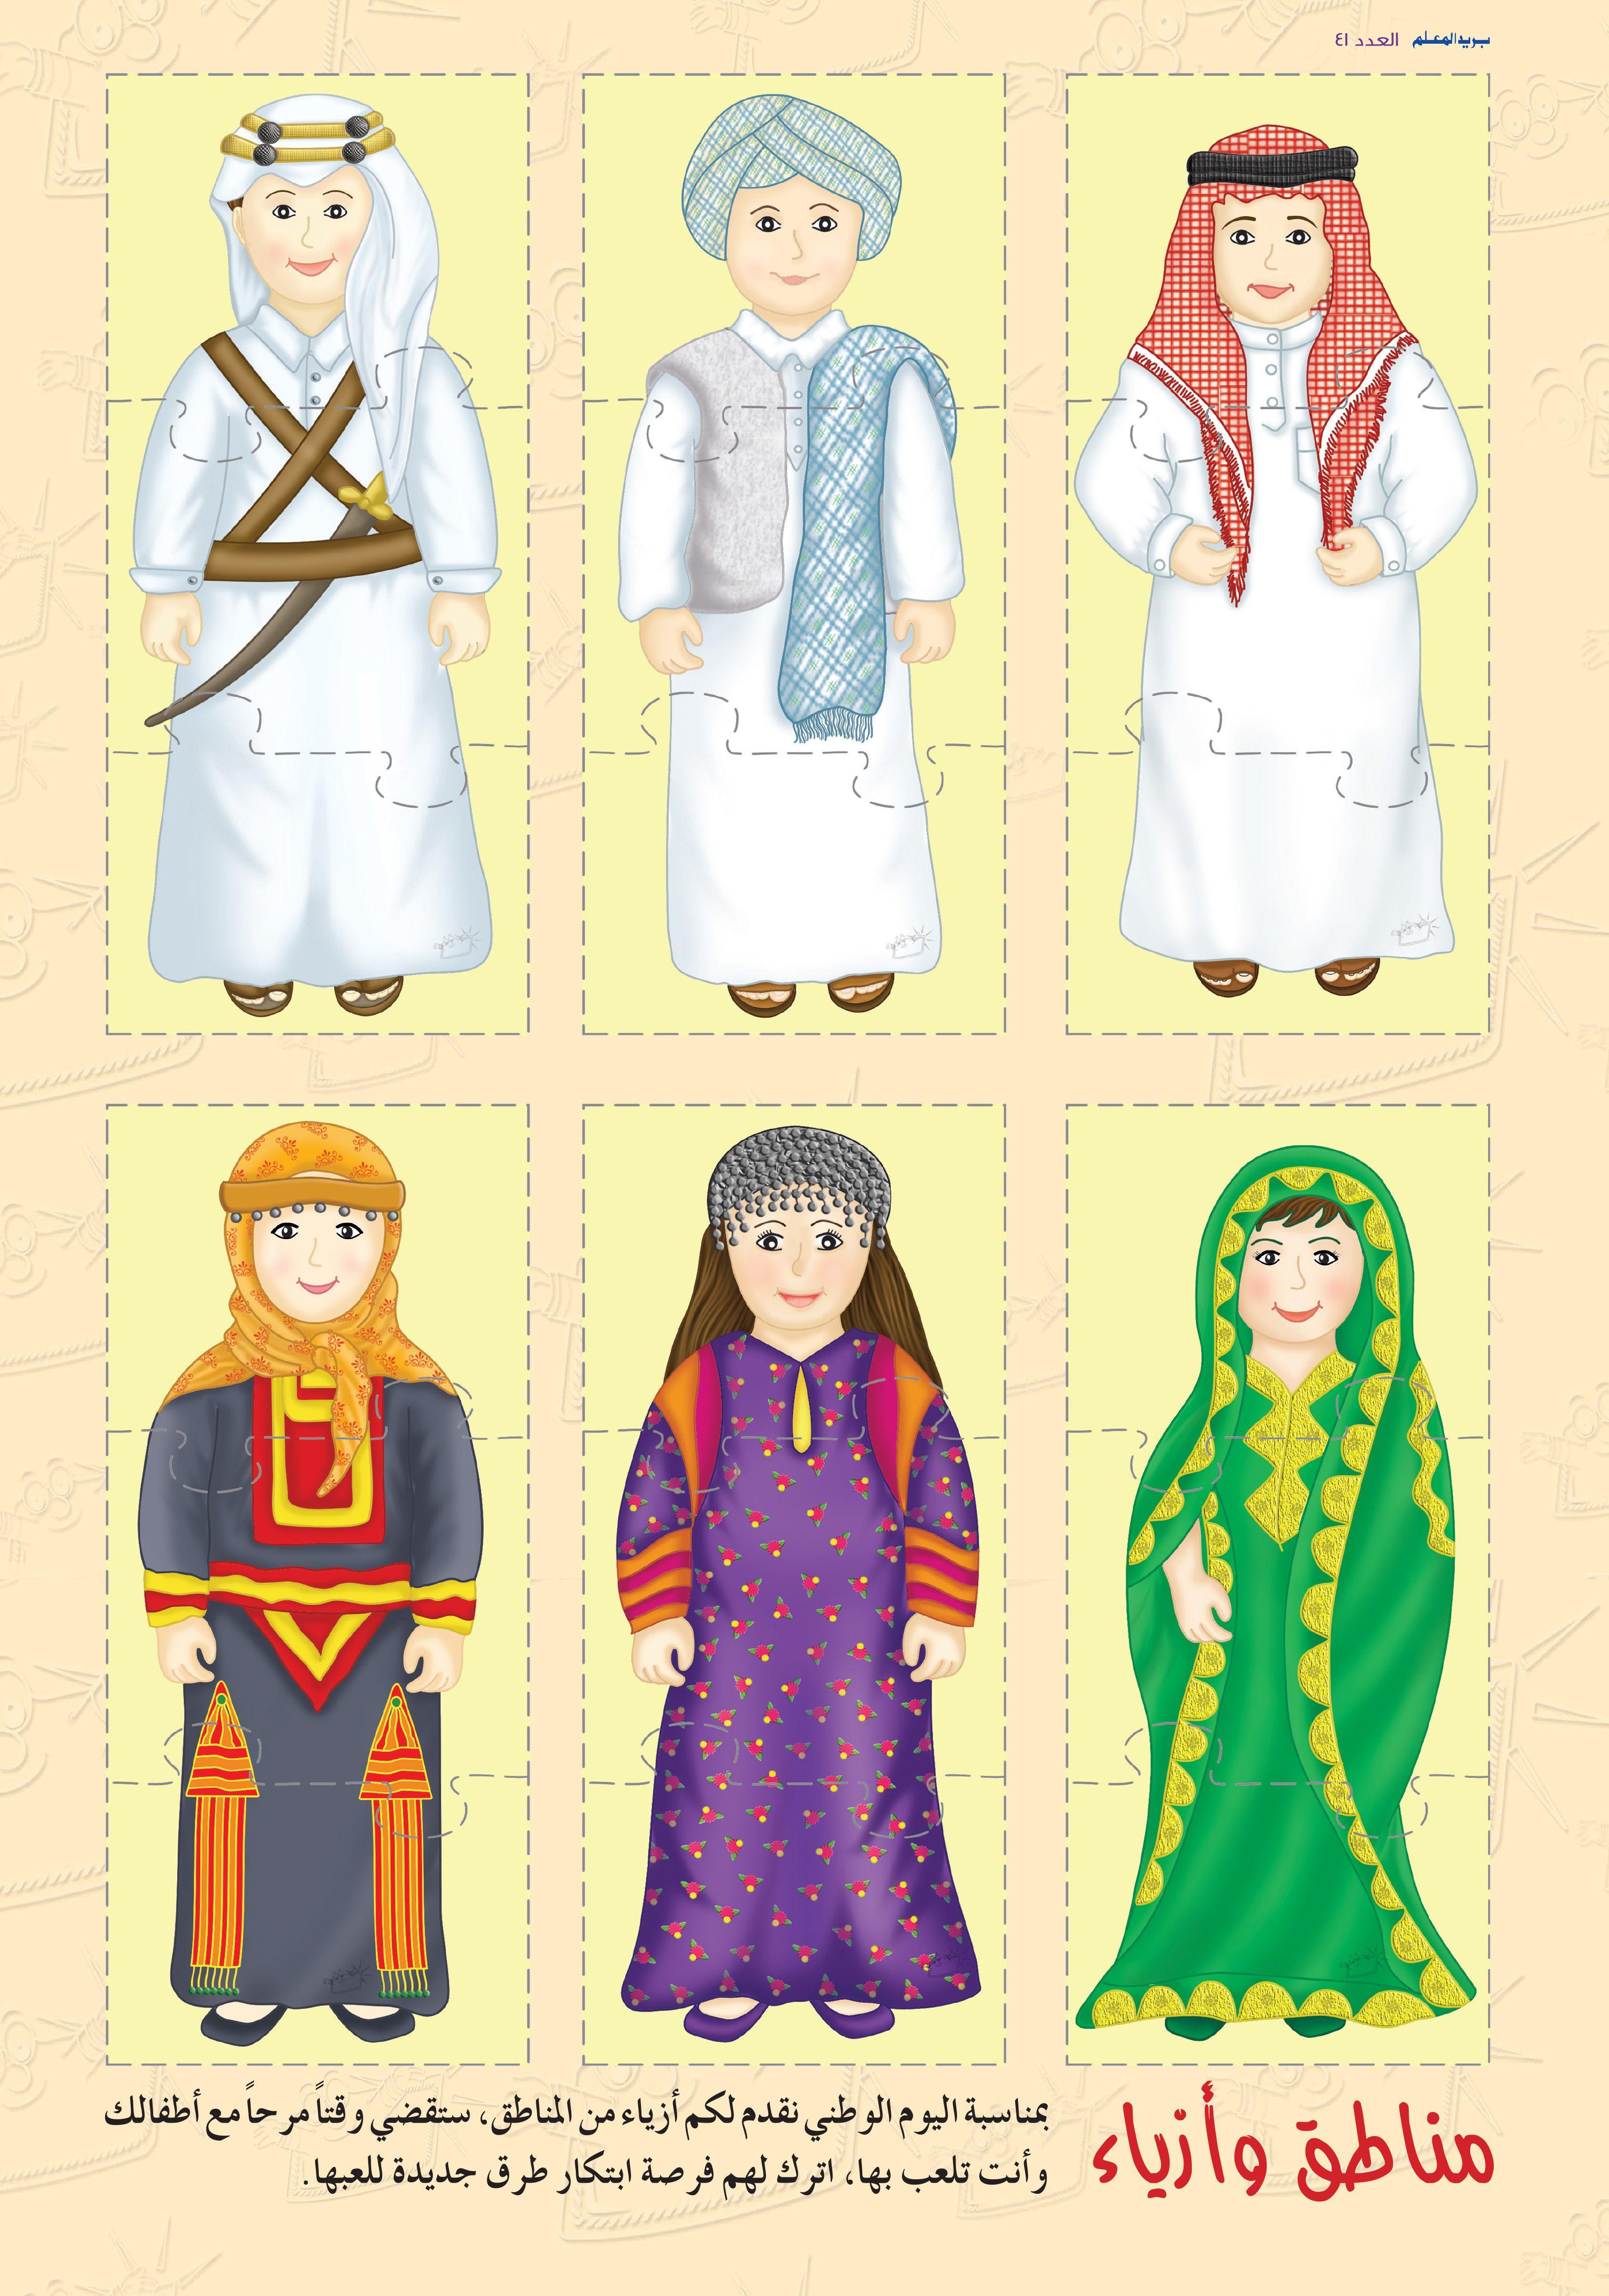 ورقة عمل مناطق وأزياء Zelda Characters Princess Zelda Character